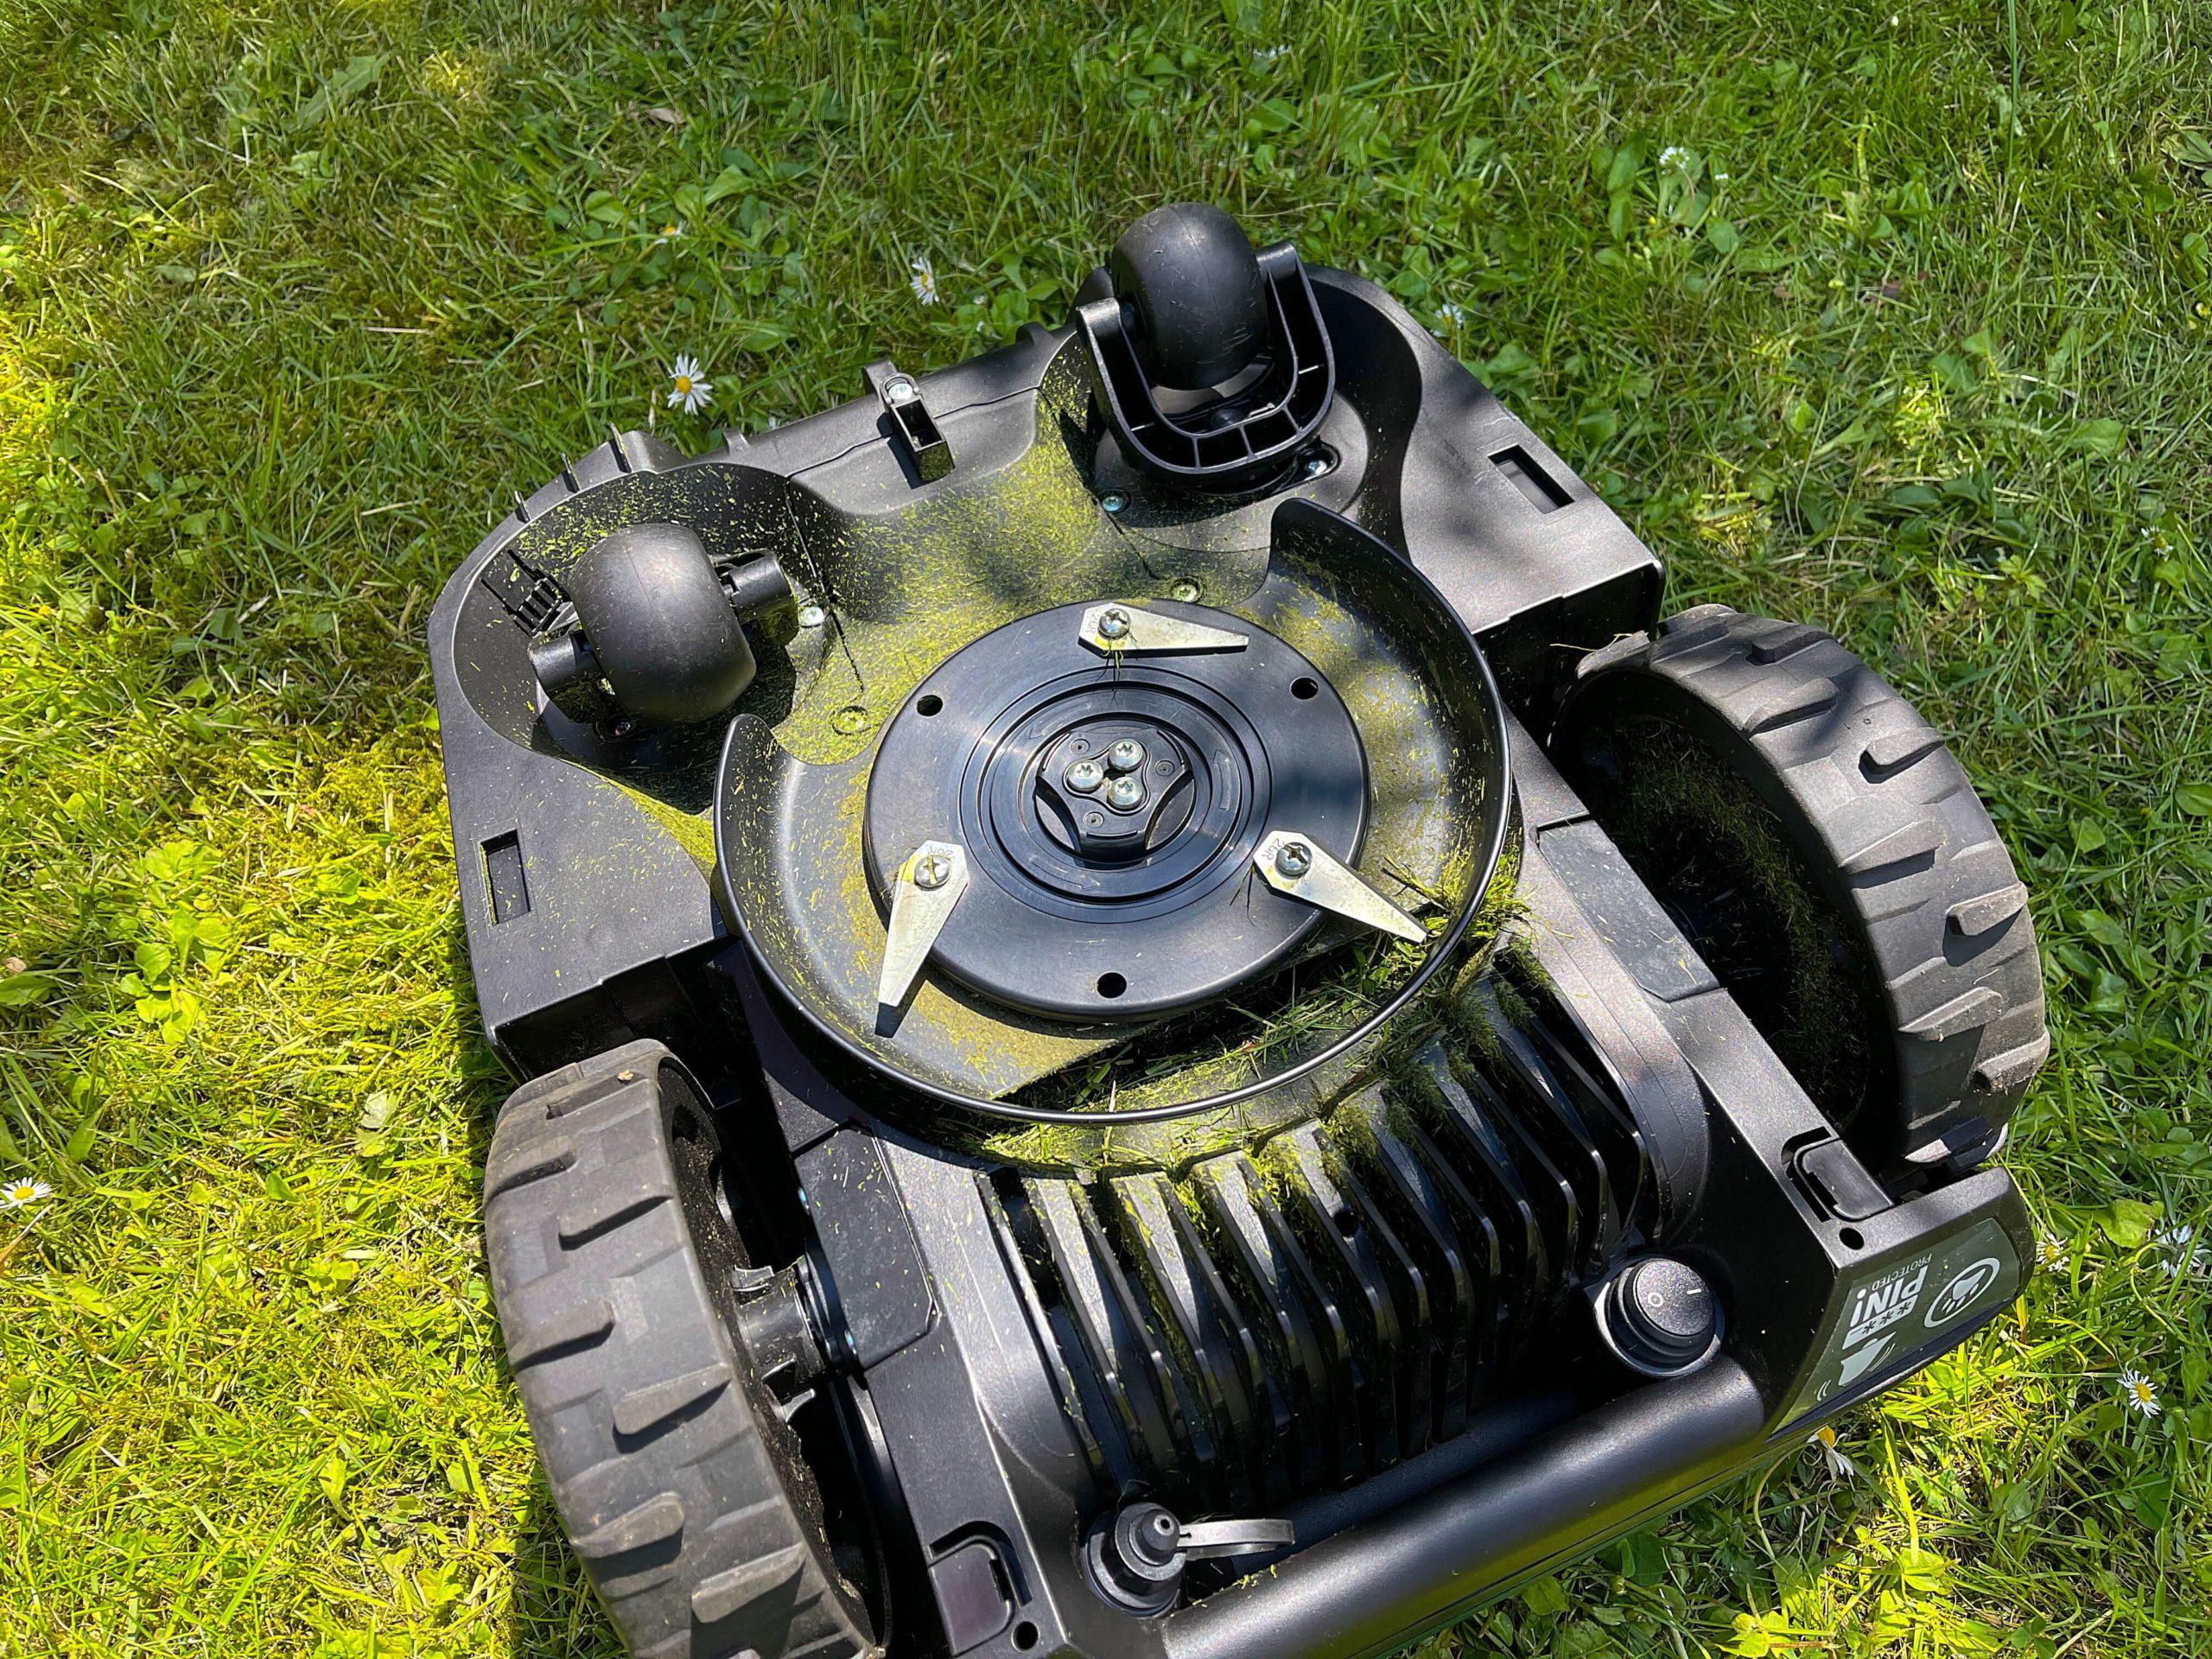 Indego-S-500-Rasenmaeherroboter-von-Bosch-smart-zur-besten-Rasenguete12-scaled Indego S+ 500 Rasenmähroboter von Bosch - Smart zur besten Rasengüte